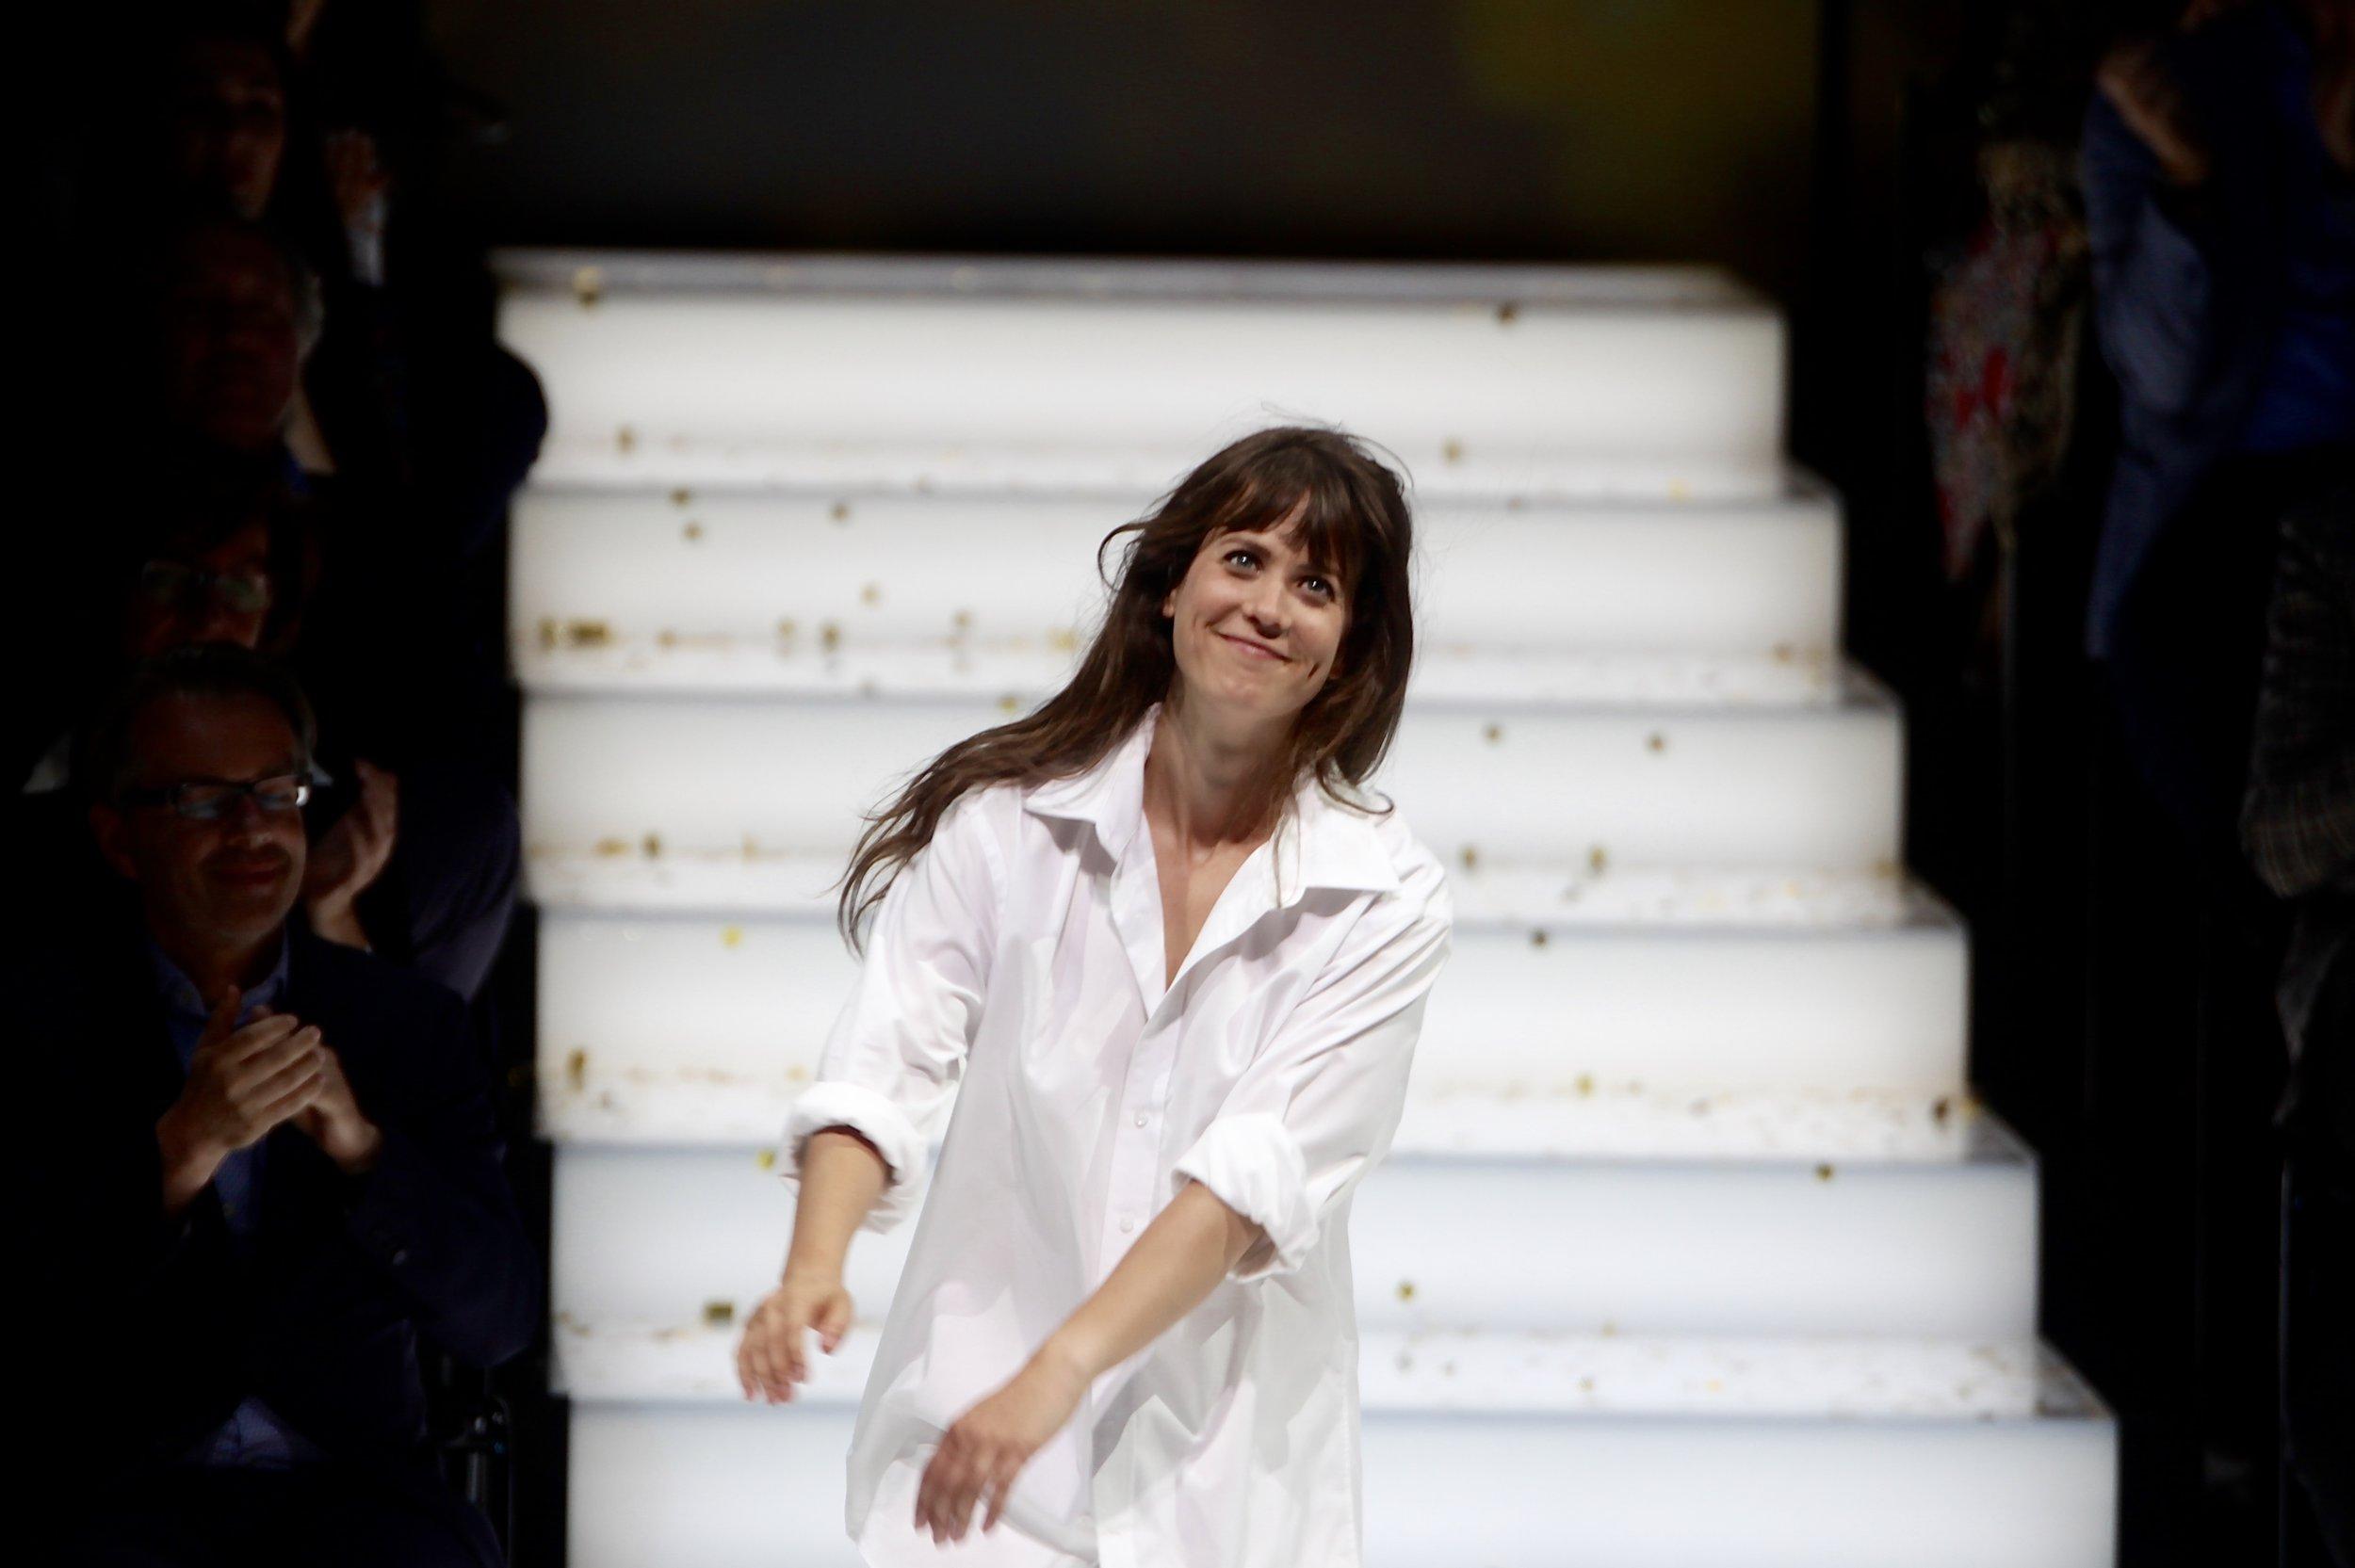 L'incoronazione di Poppea mettant en vedette Julie Fuchs et Stéphanie D'oustrac obtient un grand succès à l'Opernhaus Zürich! Regardez la bande annonce ci-bas! - Réservez ici!30.06.2018